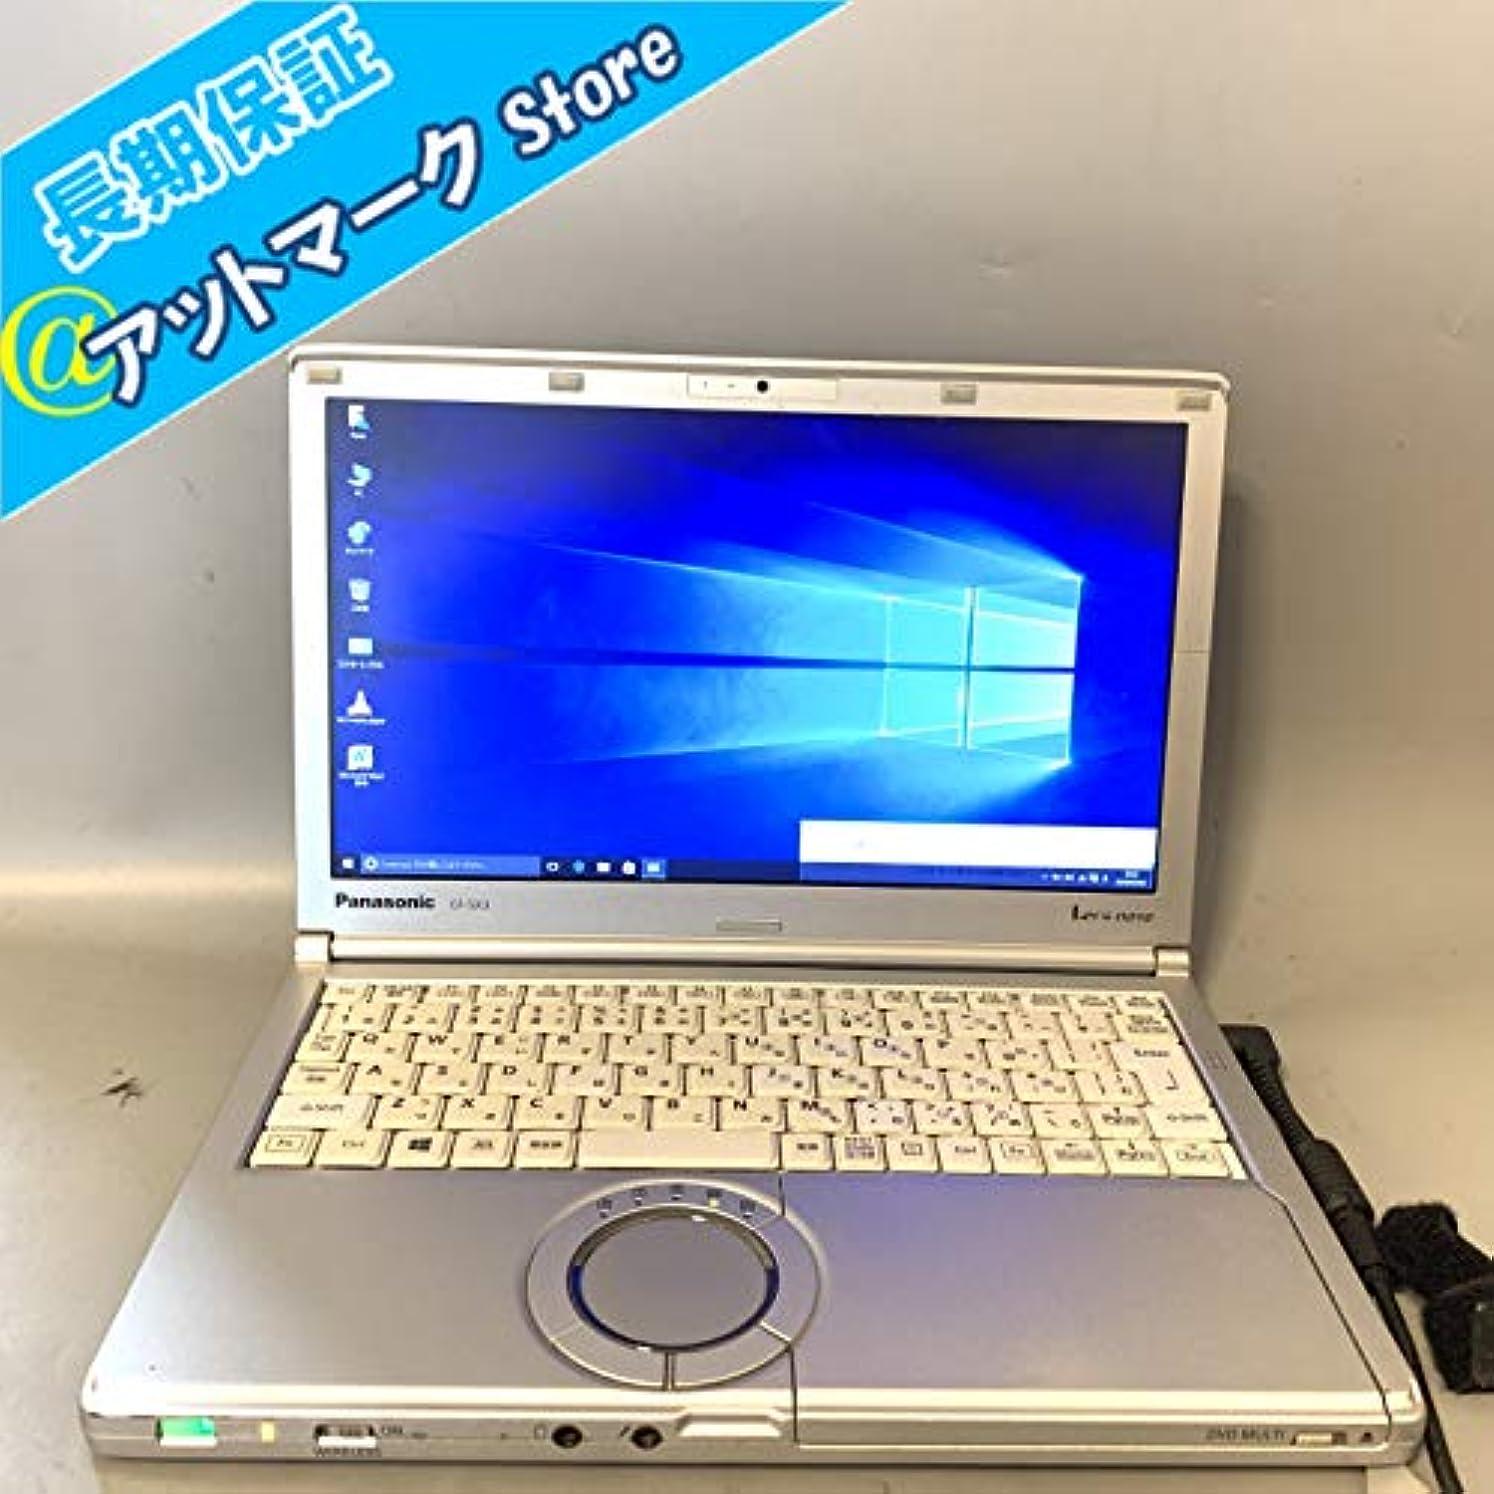 メドレー分離種類急ぎ配送可 ノートパソコン 中古動作良品 12.1インチワイド液晶 Panasonic パナソニック CF-SX3YEHCS 第4世代 Corei5-4200U 4GB 320GB DVDマルチレコーダー 無線WIFI BlueTooth Webカメラ Windows10 Microsft Office2013 インストール済みワード、エクセル、パワーポイント 保証有、返品可、即使用可能